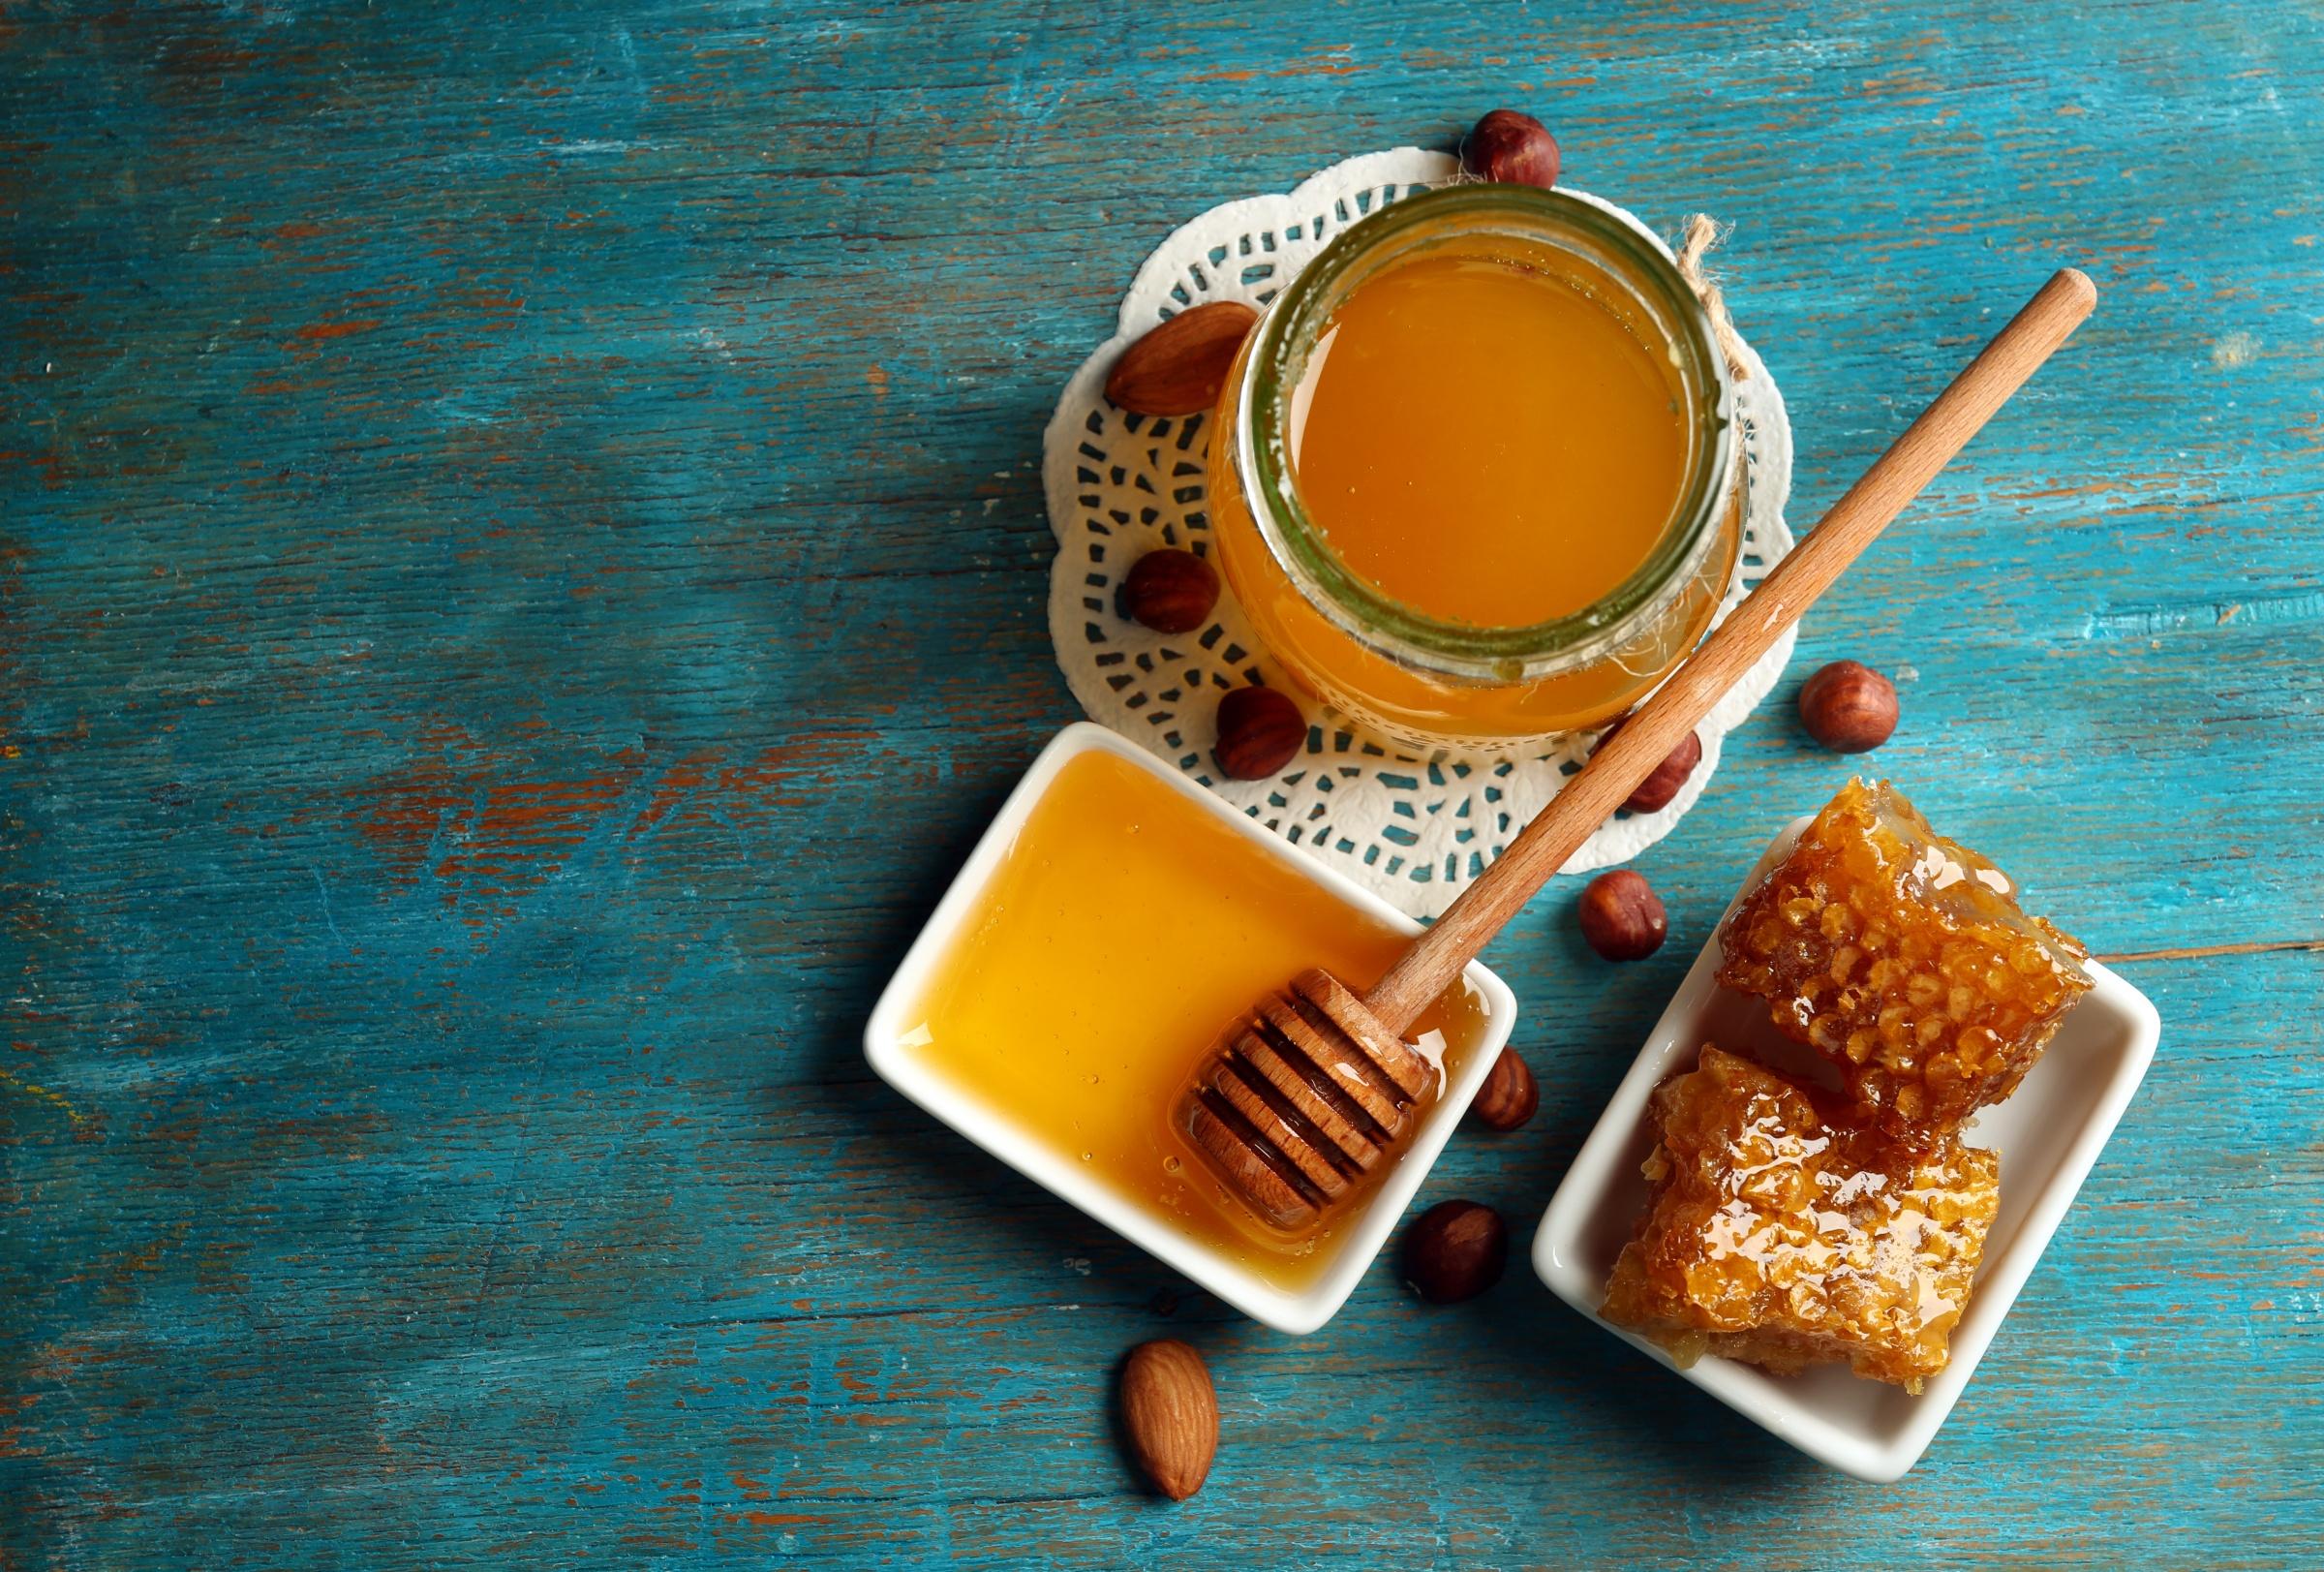 Mật ong có nhiều lợi ích cho sức khỏe. Ảnh: Shutterstock - Tracybee